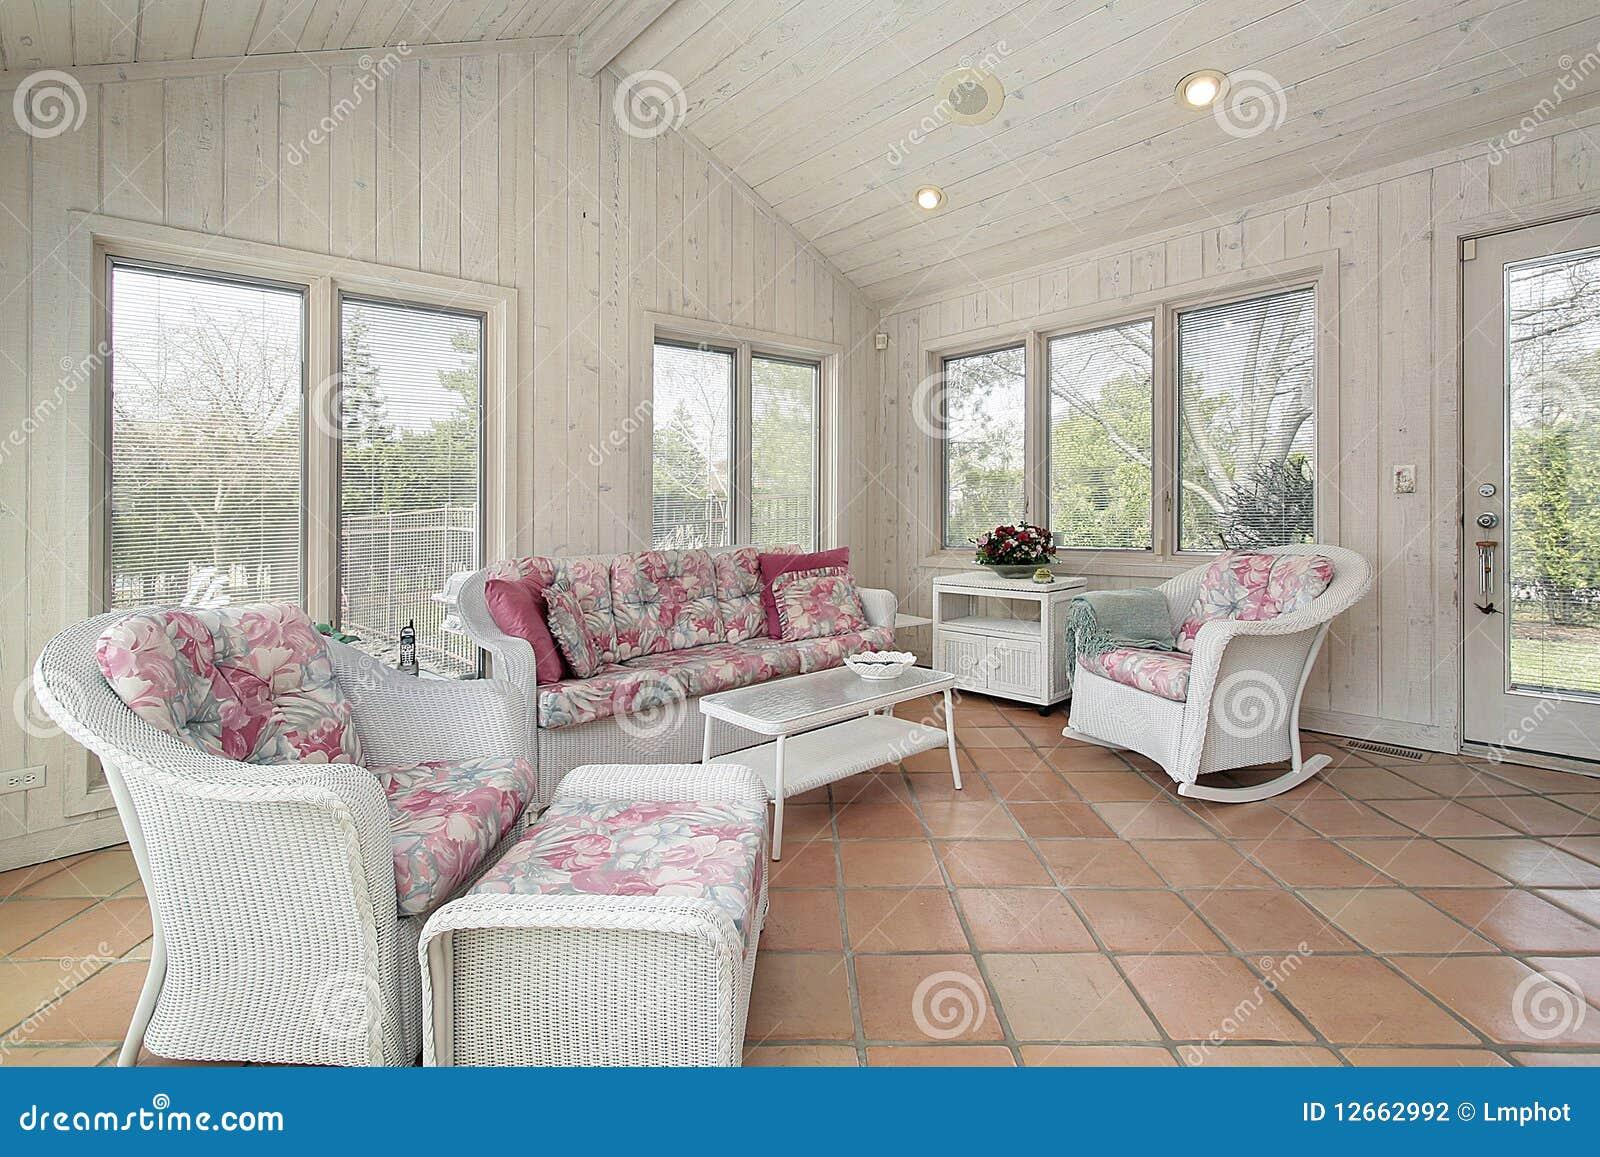 P rtico con muebles de mimbre foto de archivo imagen - Sofas de mimbre ...